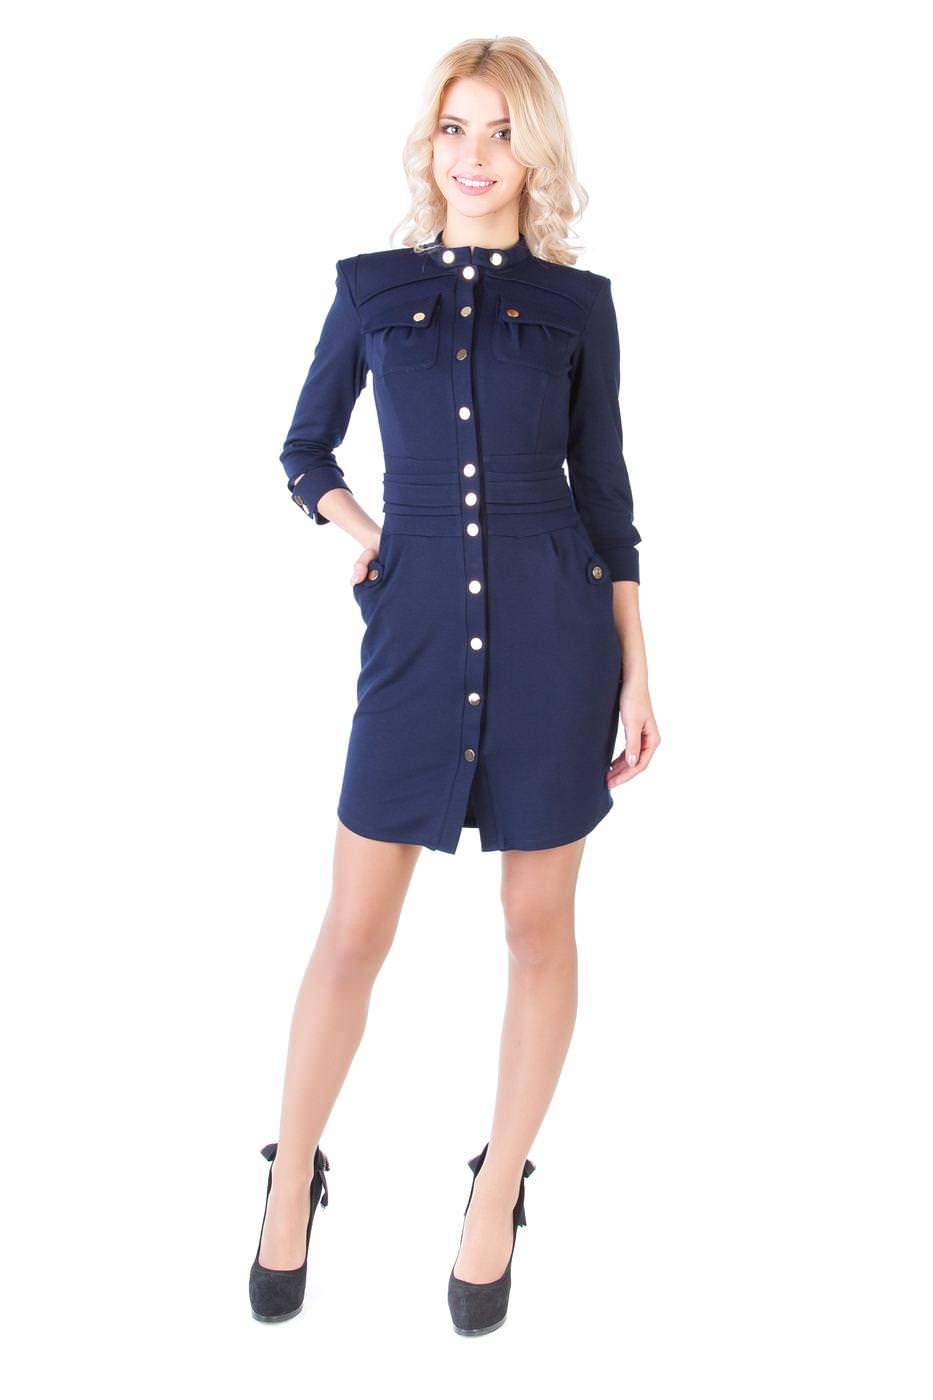 Купить платья оптом от производителя Платье Кэйт